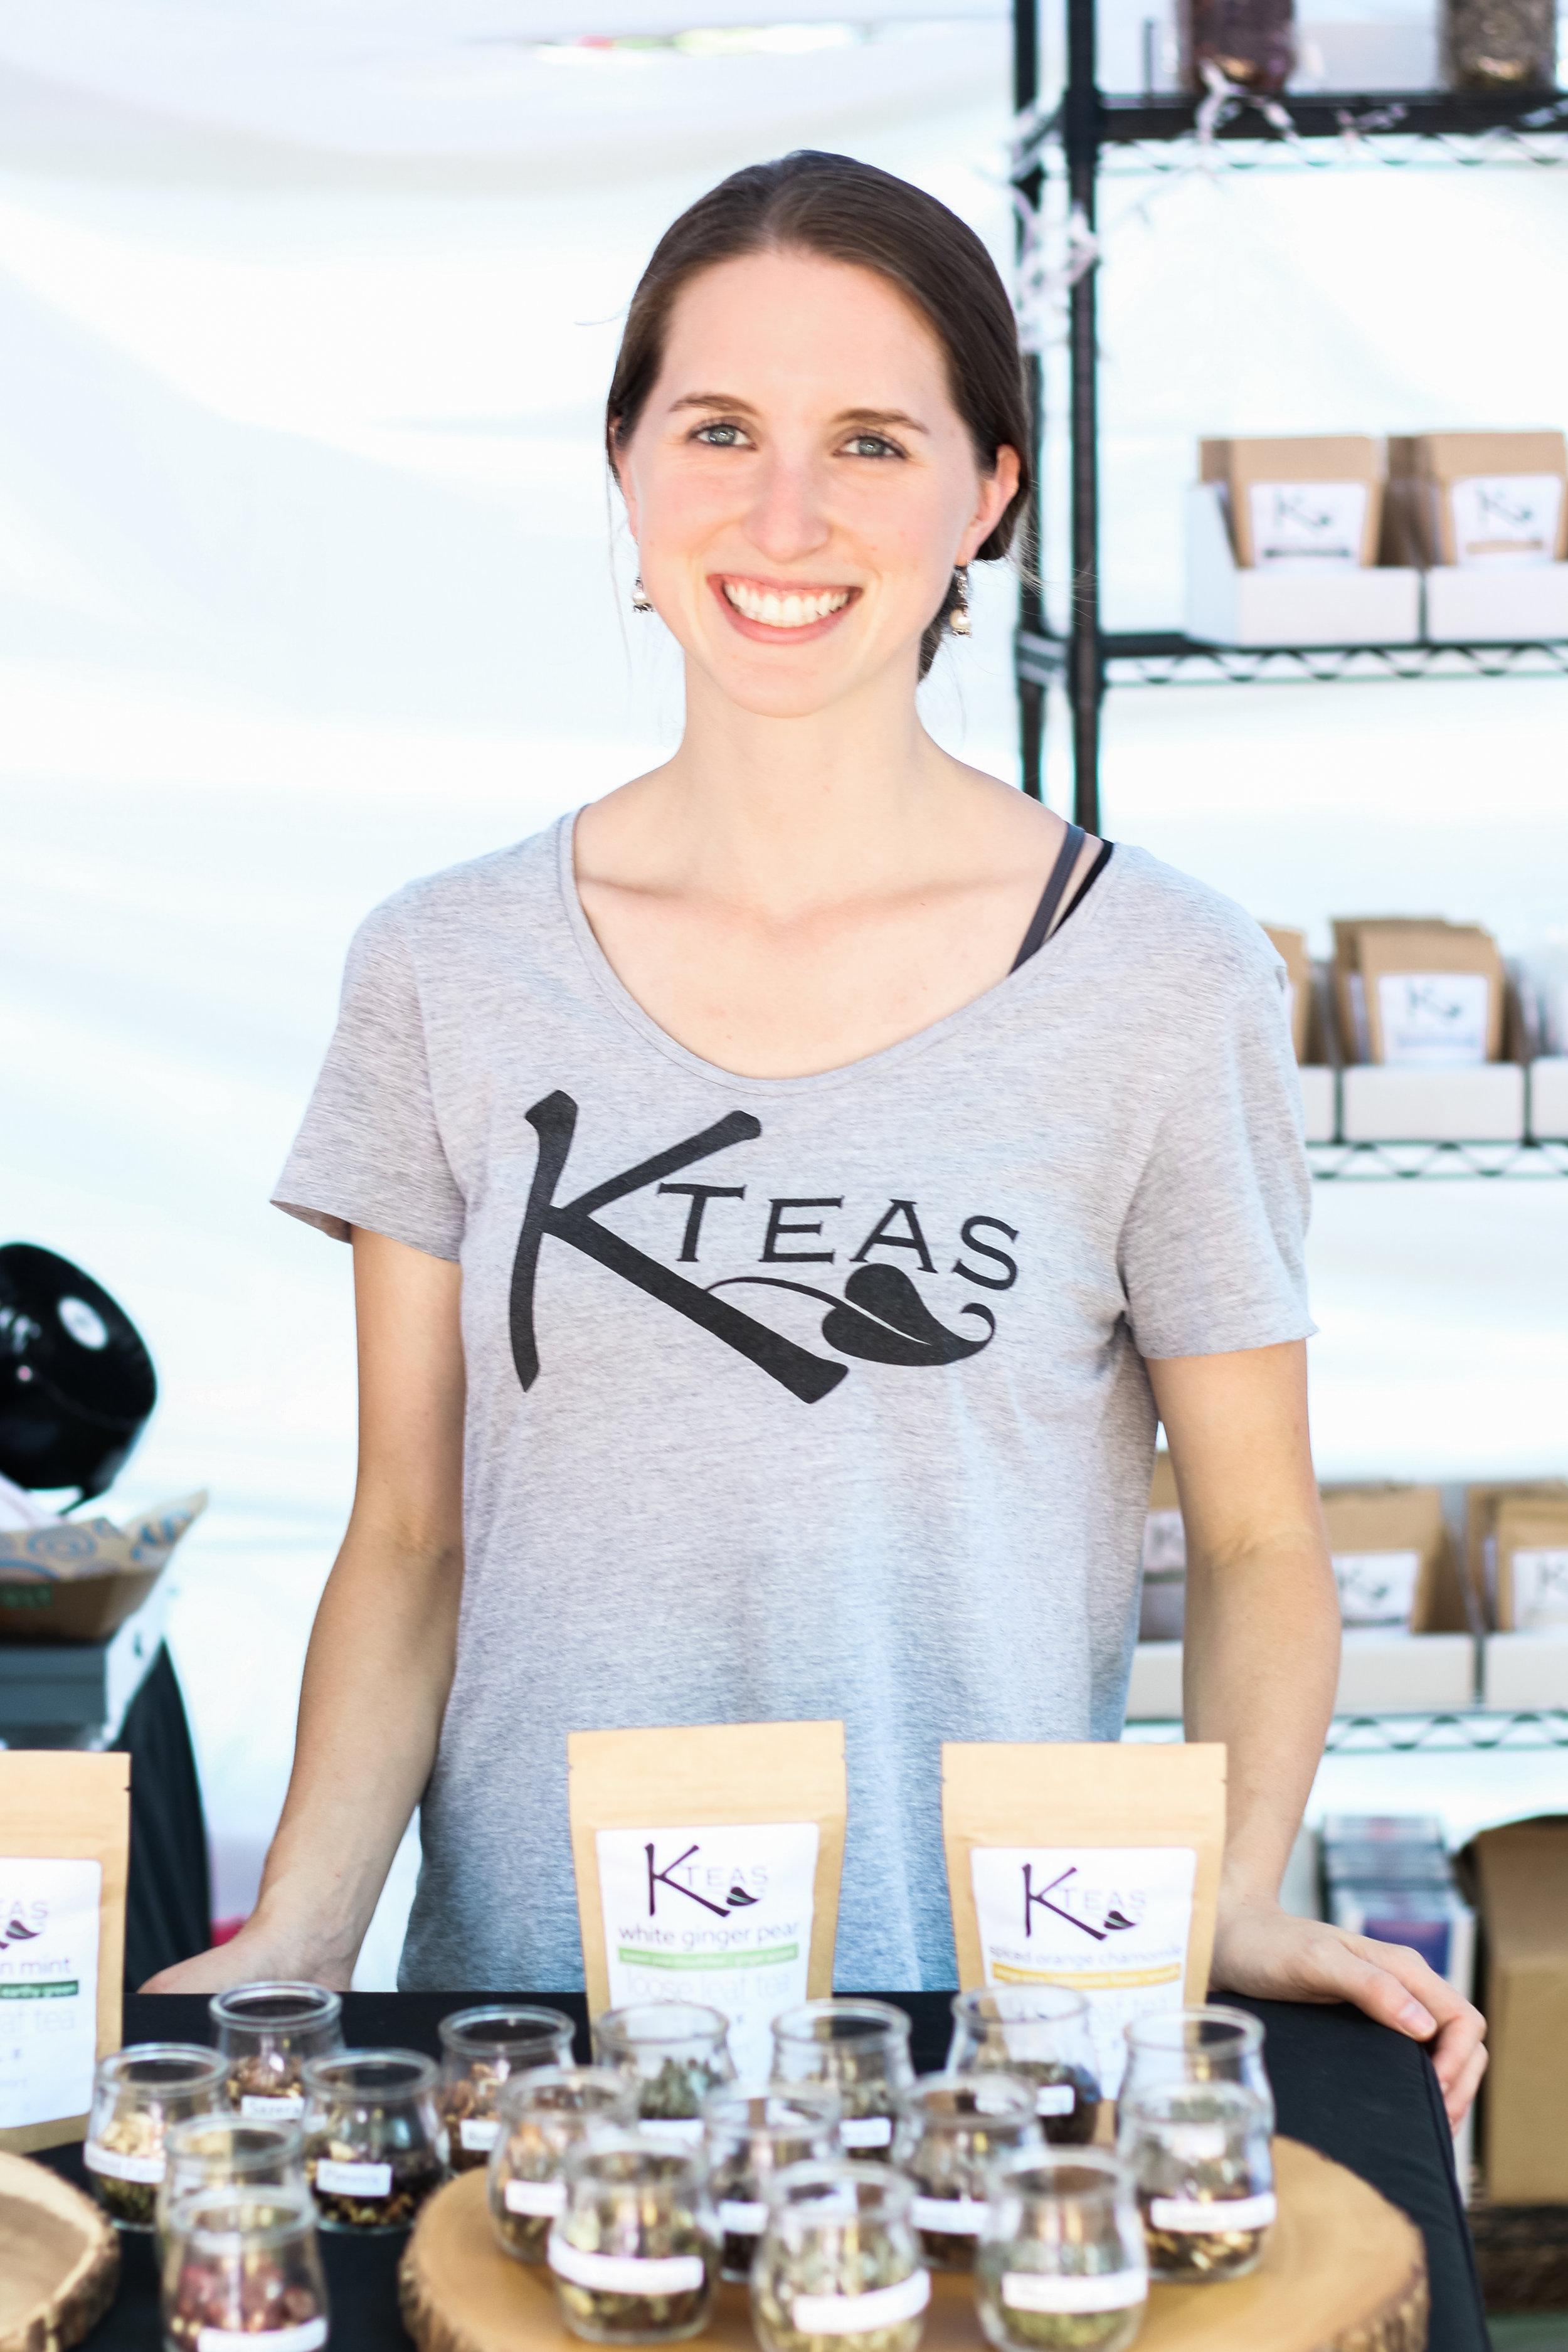 K-Teas